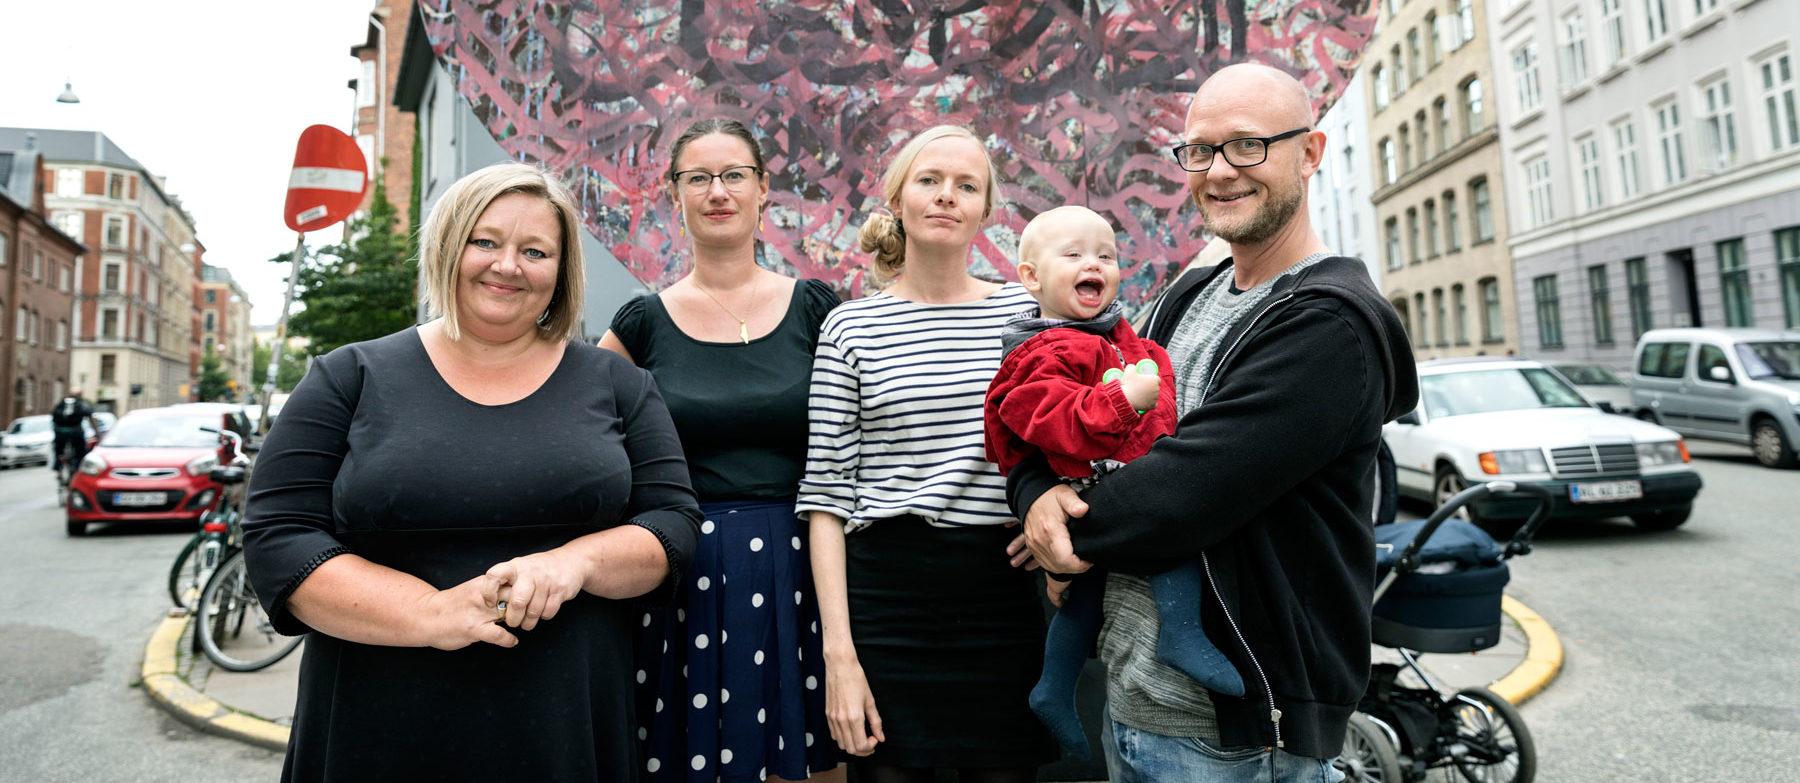 Rikke Lauritzen, Charlotte Lund og Knud Holt Nielsen (med datteren Agnes) fra Enhedslisten Vesterbro og Teknik- og miljøborgmester for Enhedslisten Ninna Hedeager Olsen (i midten til vestre).